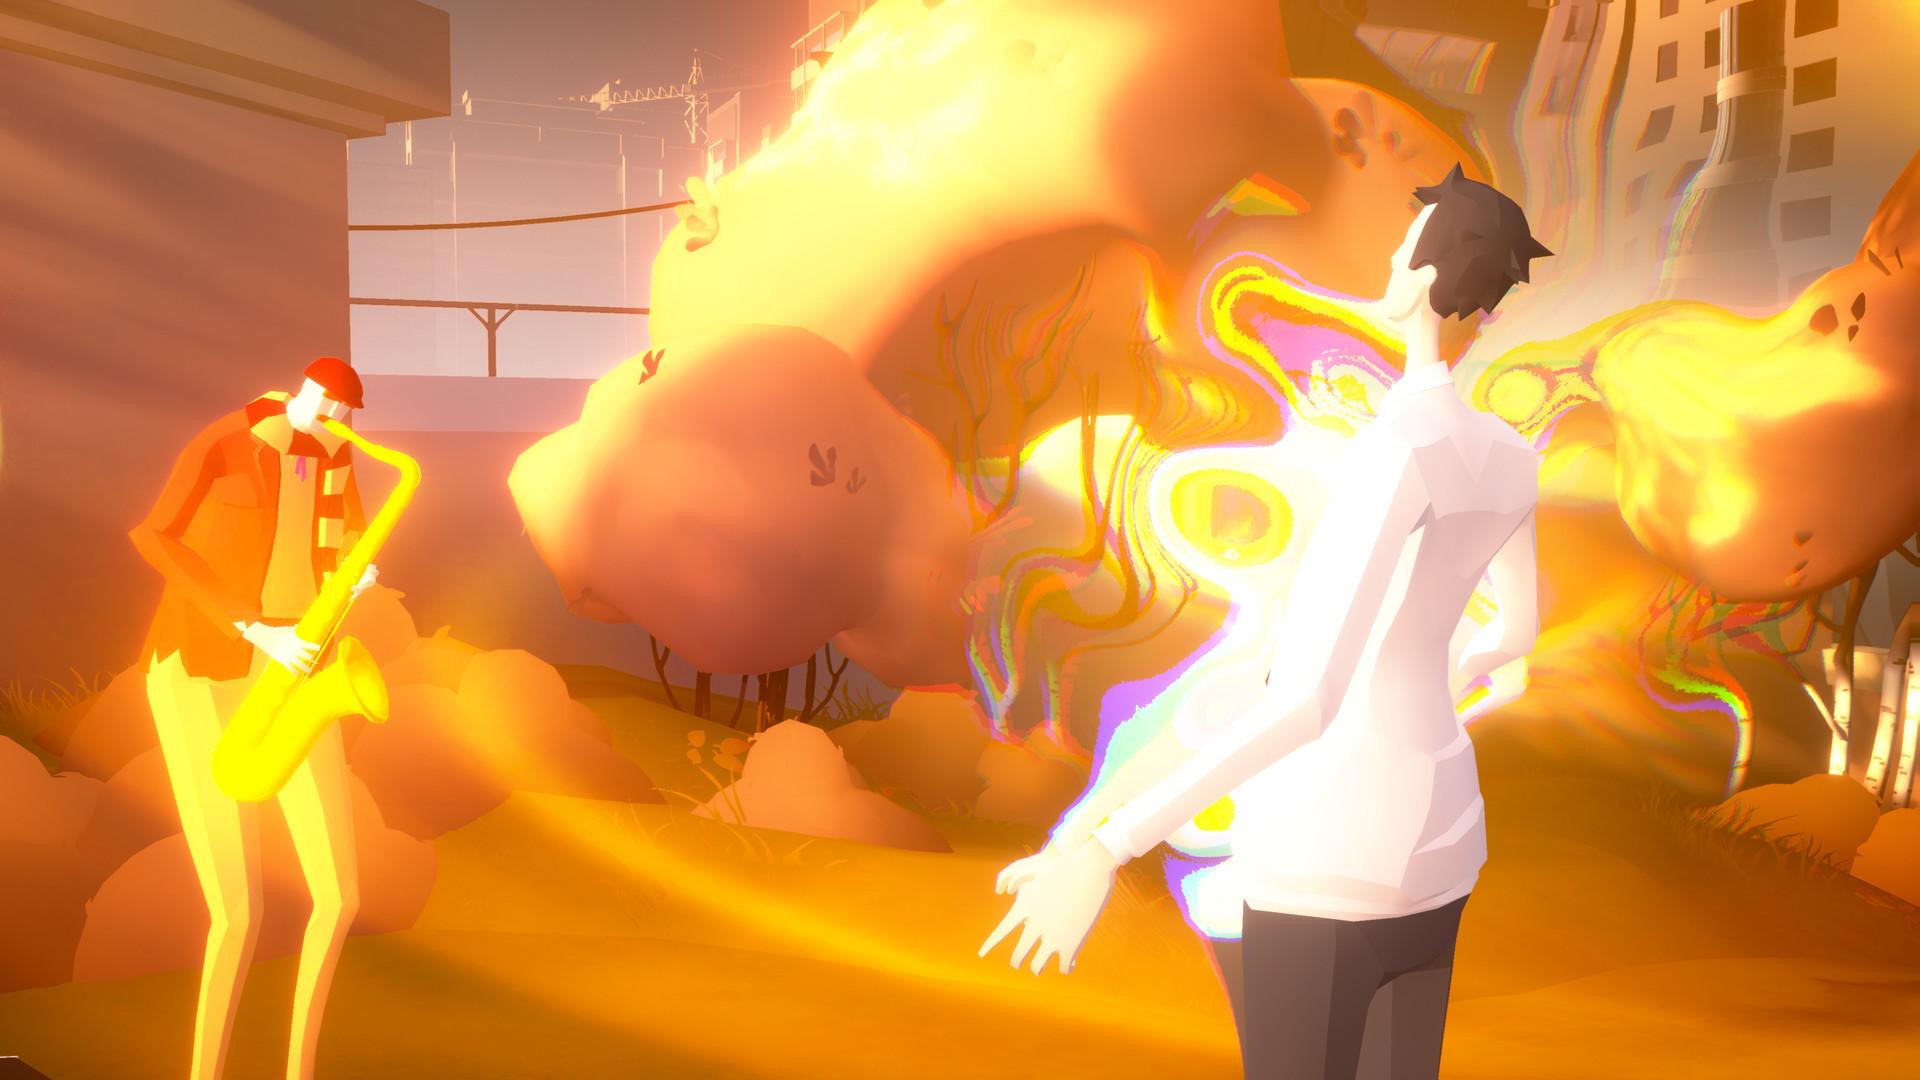 冒险游戏《马赛克》将于1月23日登陆主机平台